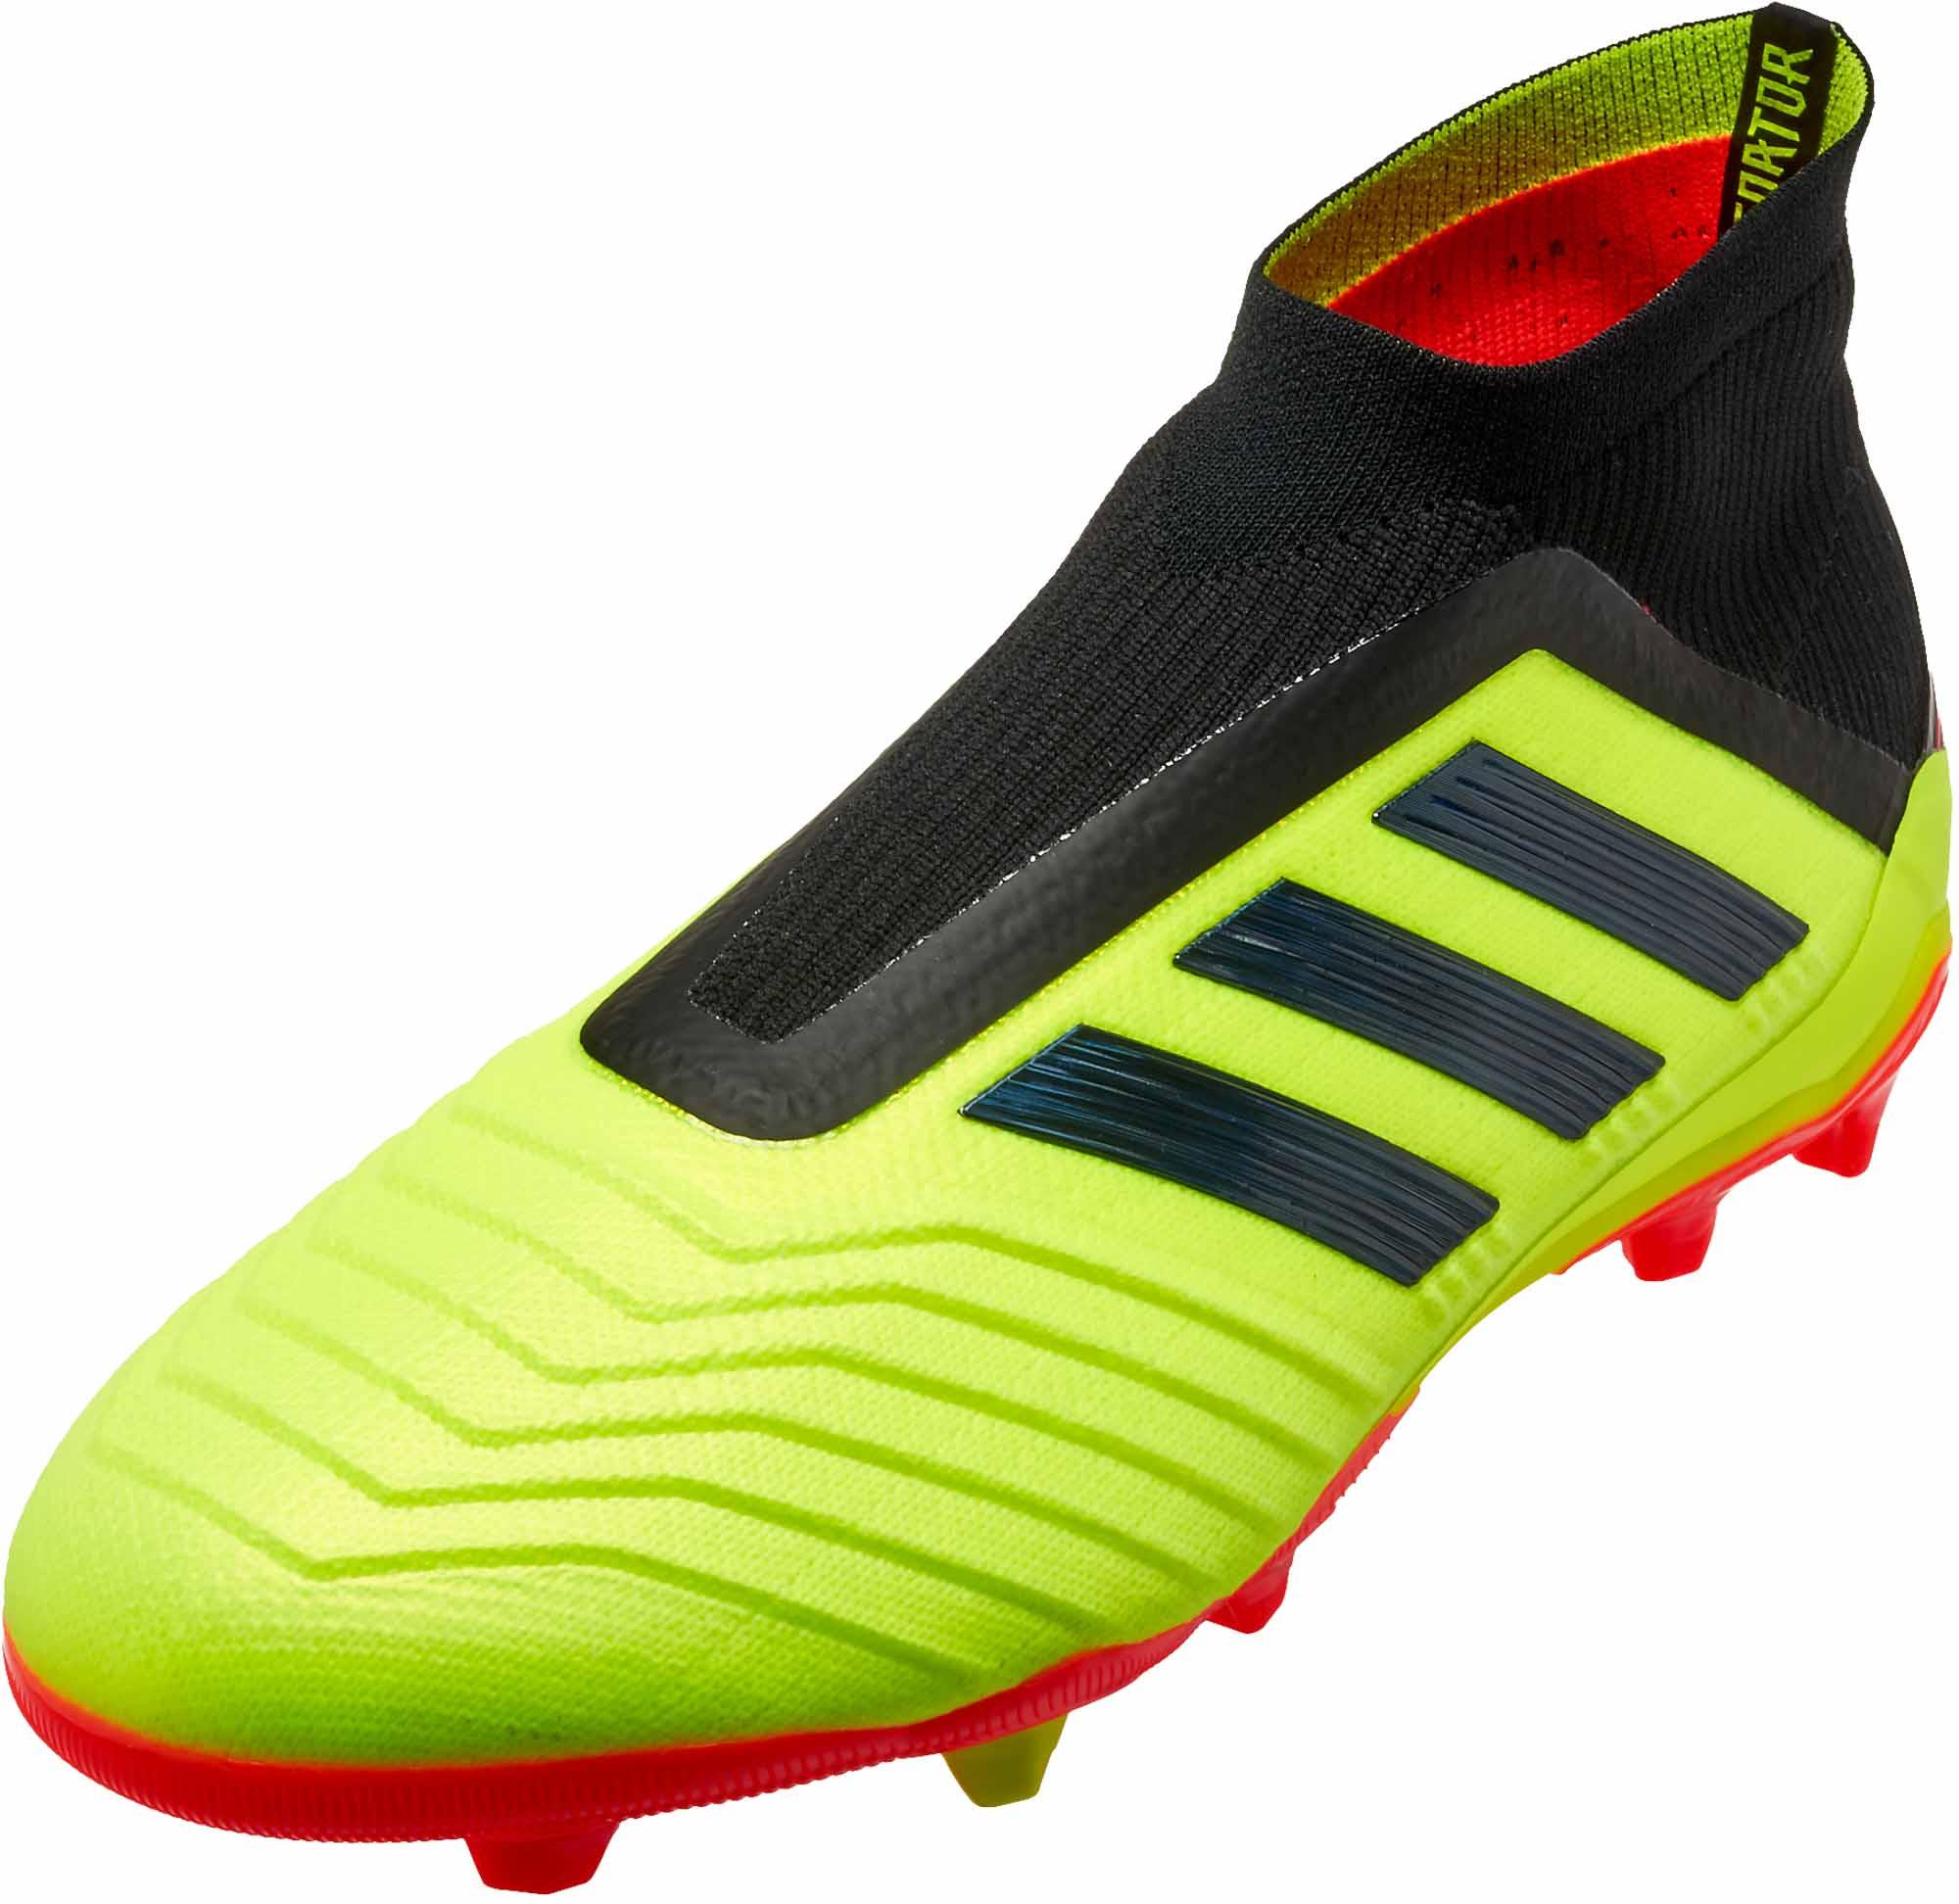 the latest c760a fc570 adidas Predator 18+ FG – Youth – Solar YellowBlackSolar Red